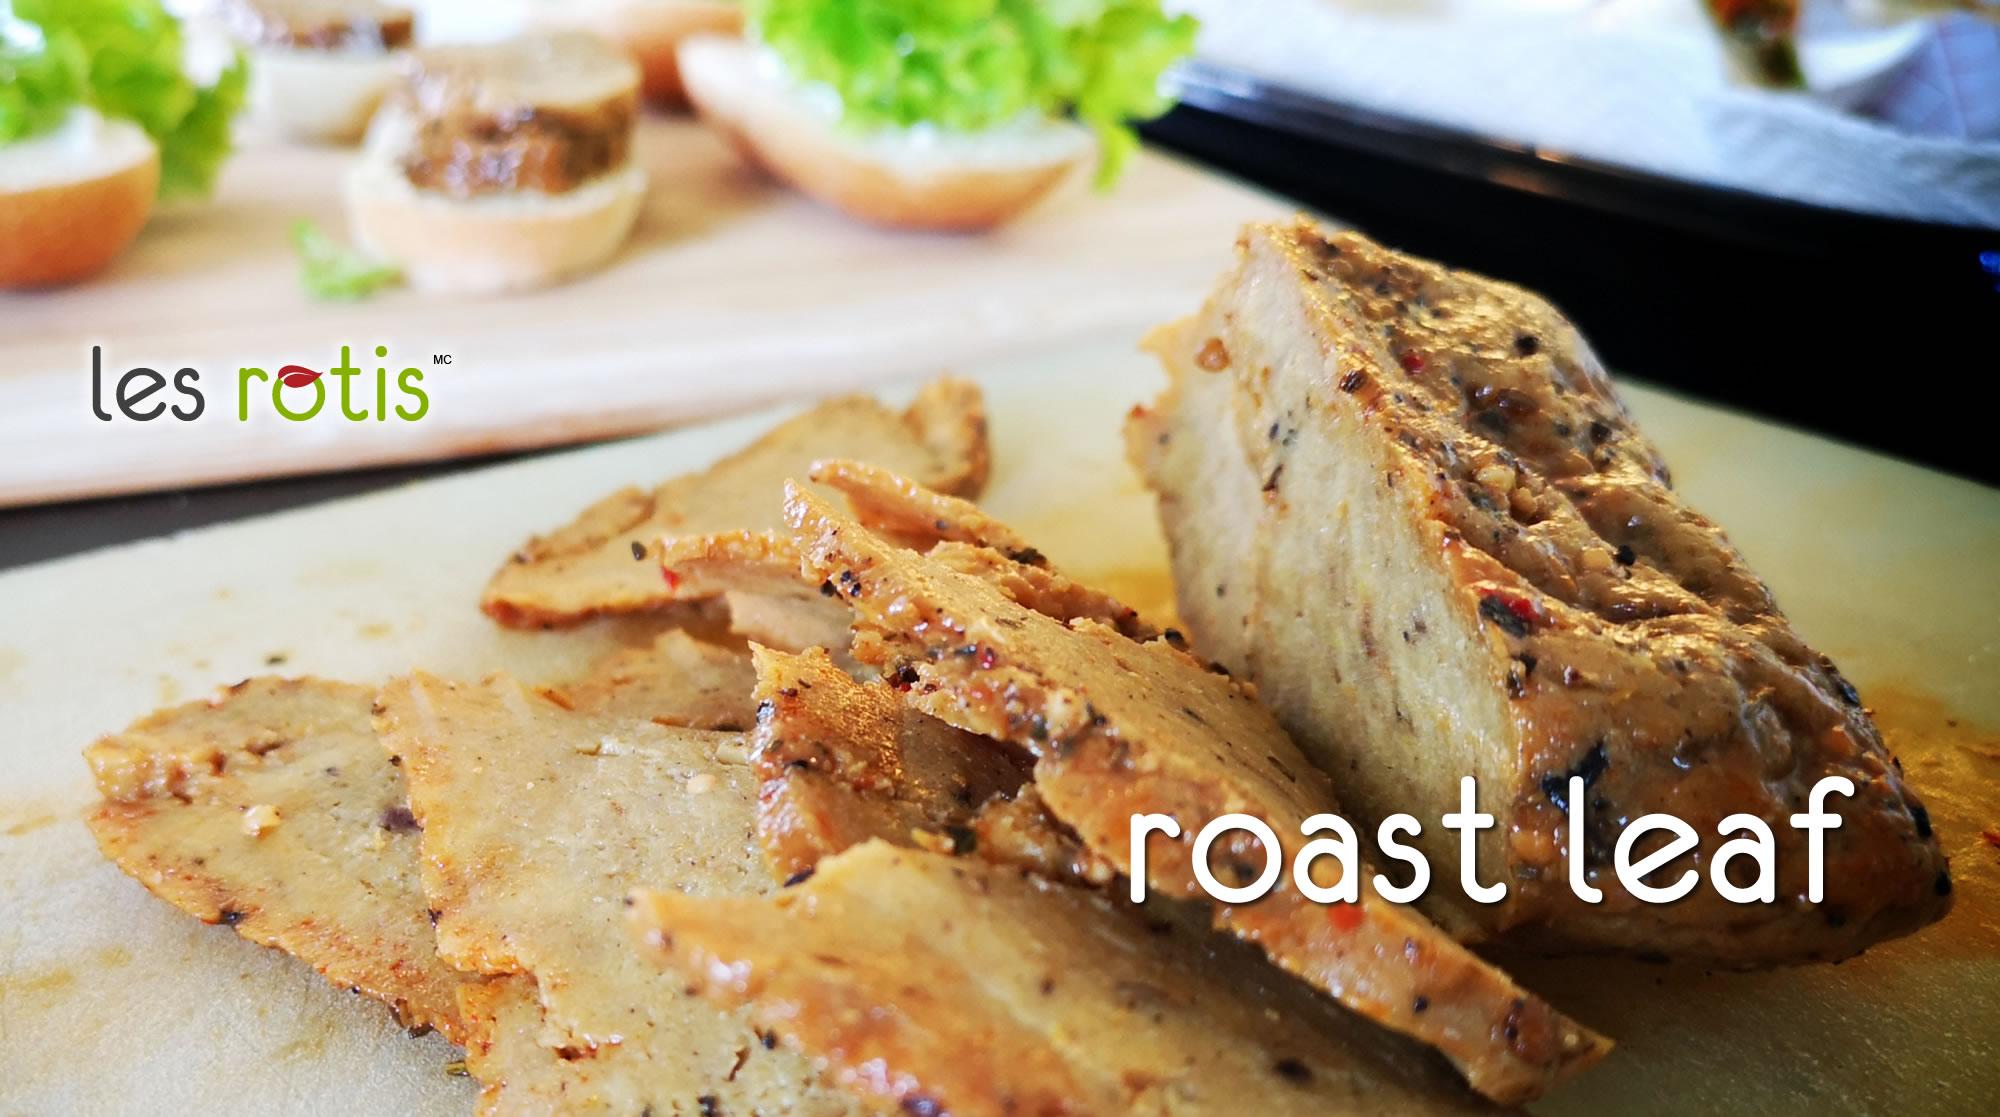 roast leaf - Les produits